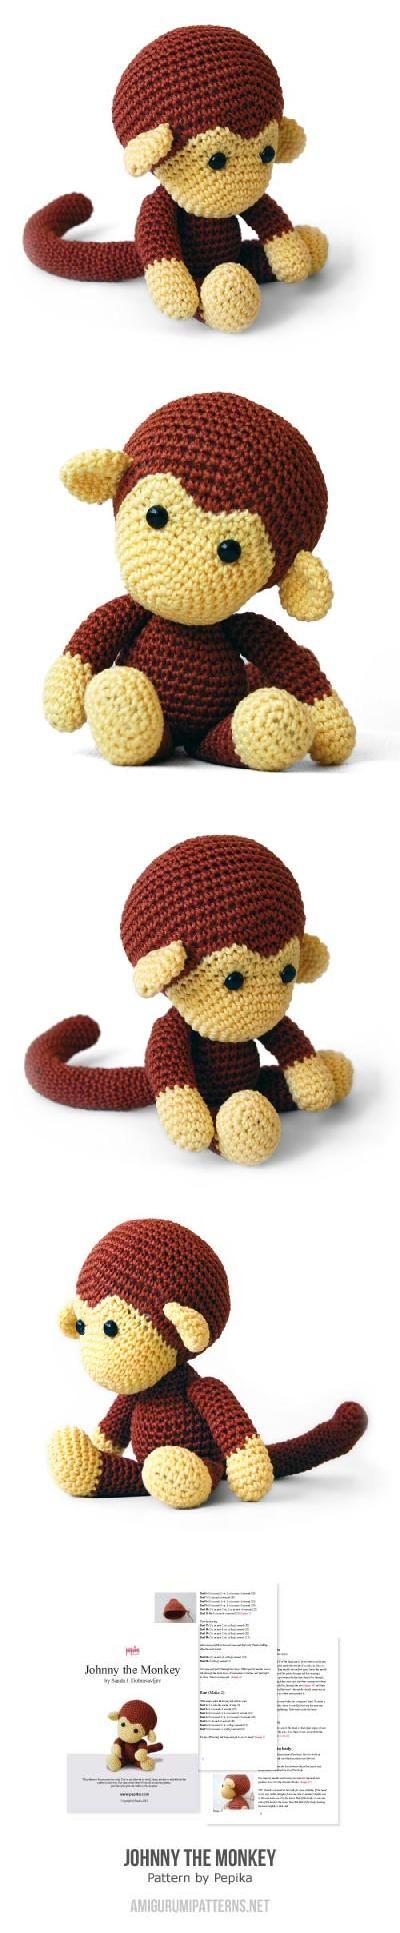 Mono de amigurumi en Amigurumipatterns.net